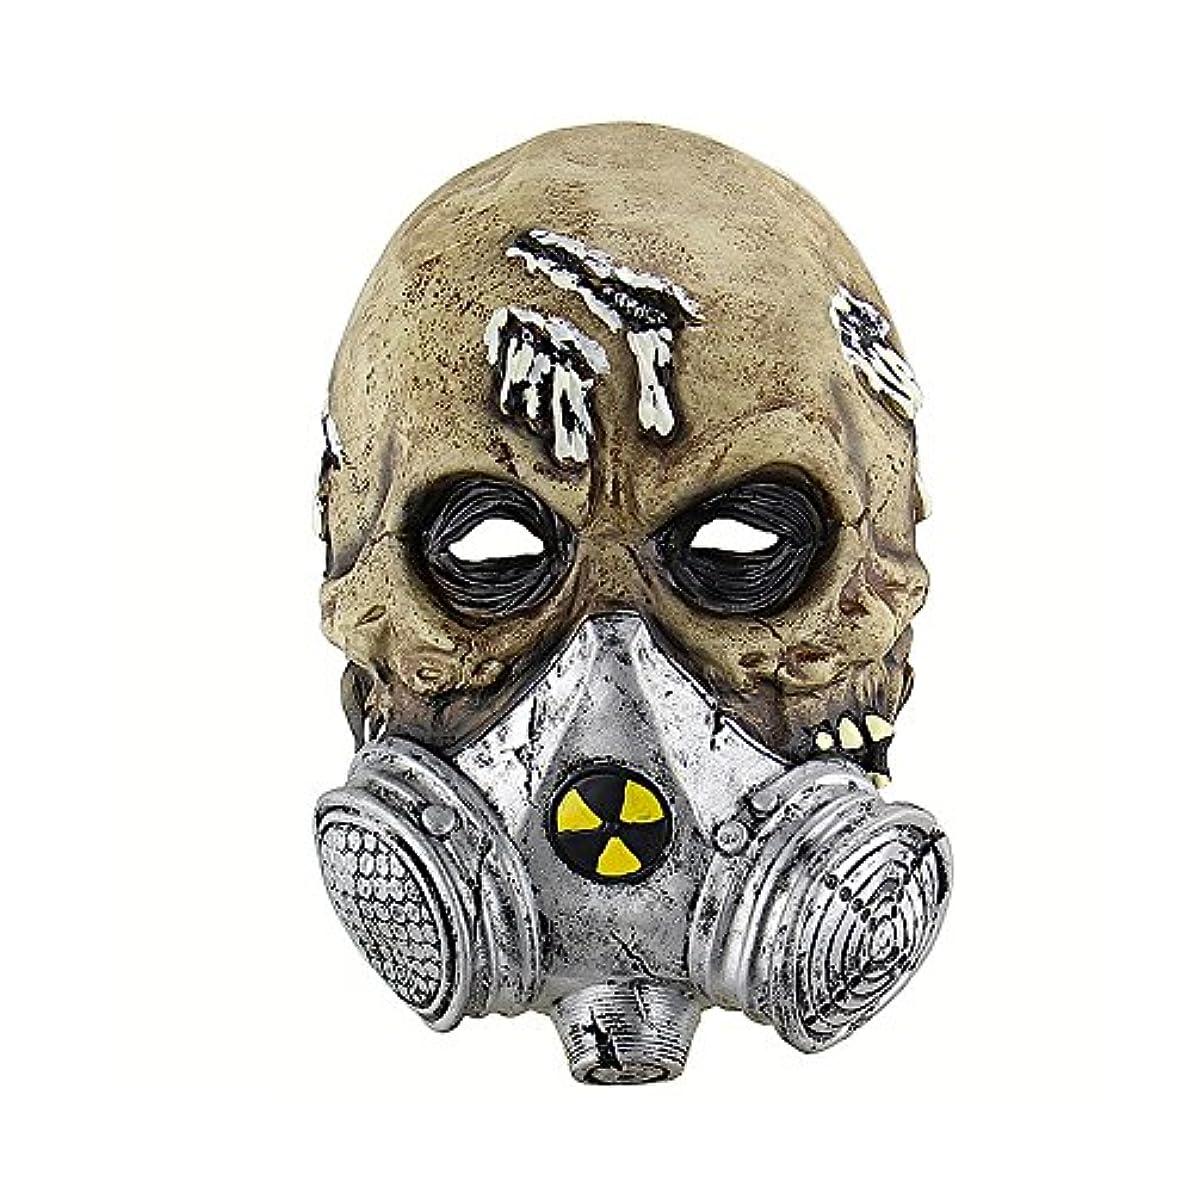 ベース減少すずめハロウィンホラー生化学ガスマスクマスクセットラテックスマスク